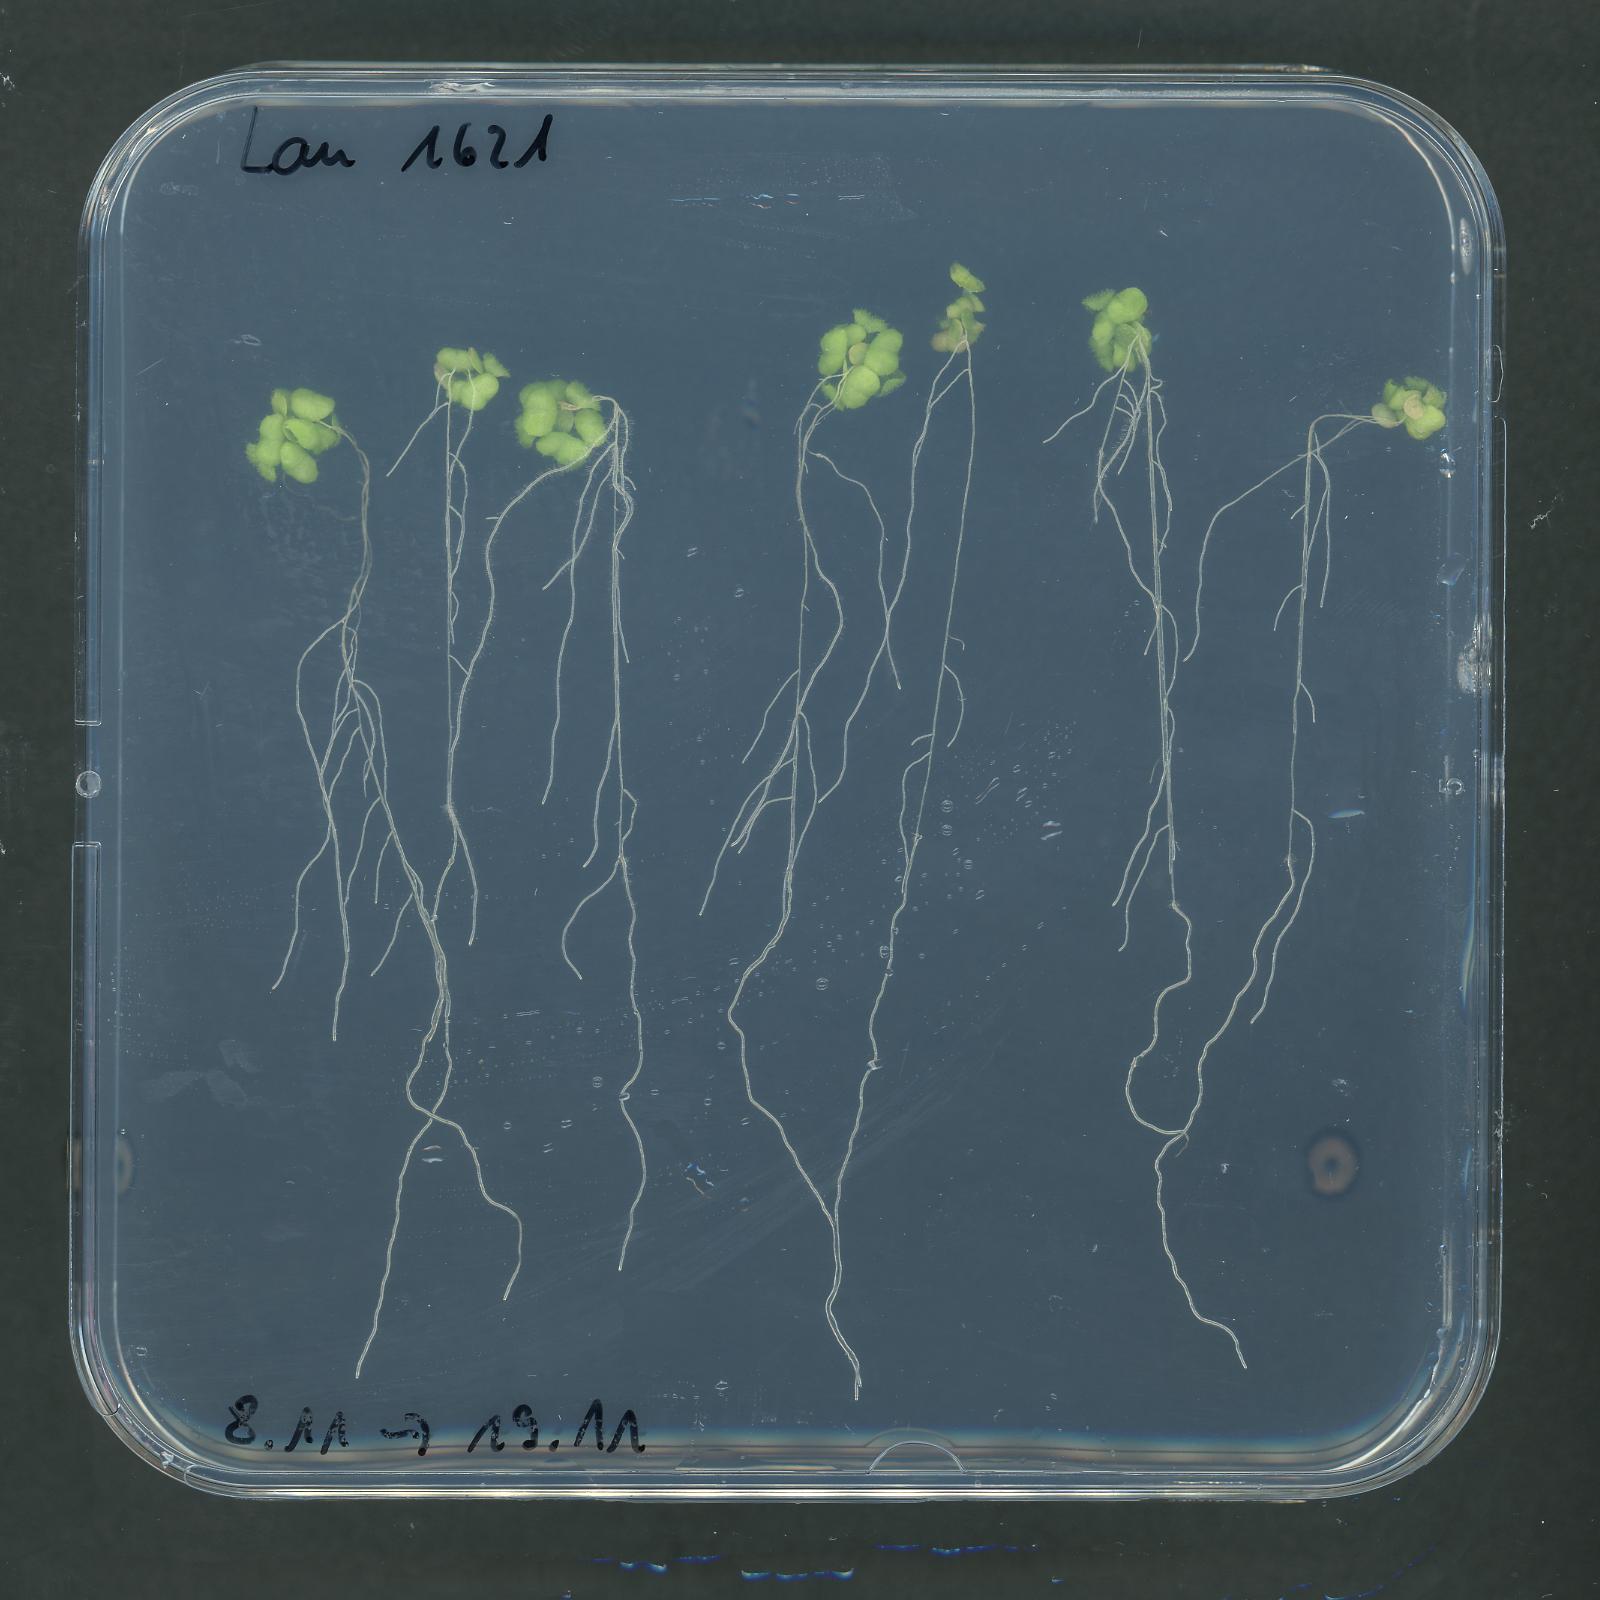 Seedlings on Agar Imaging